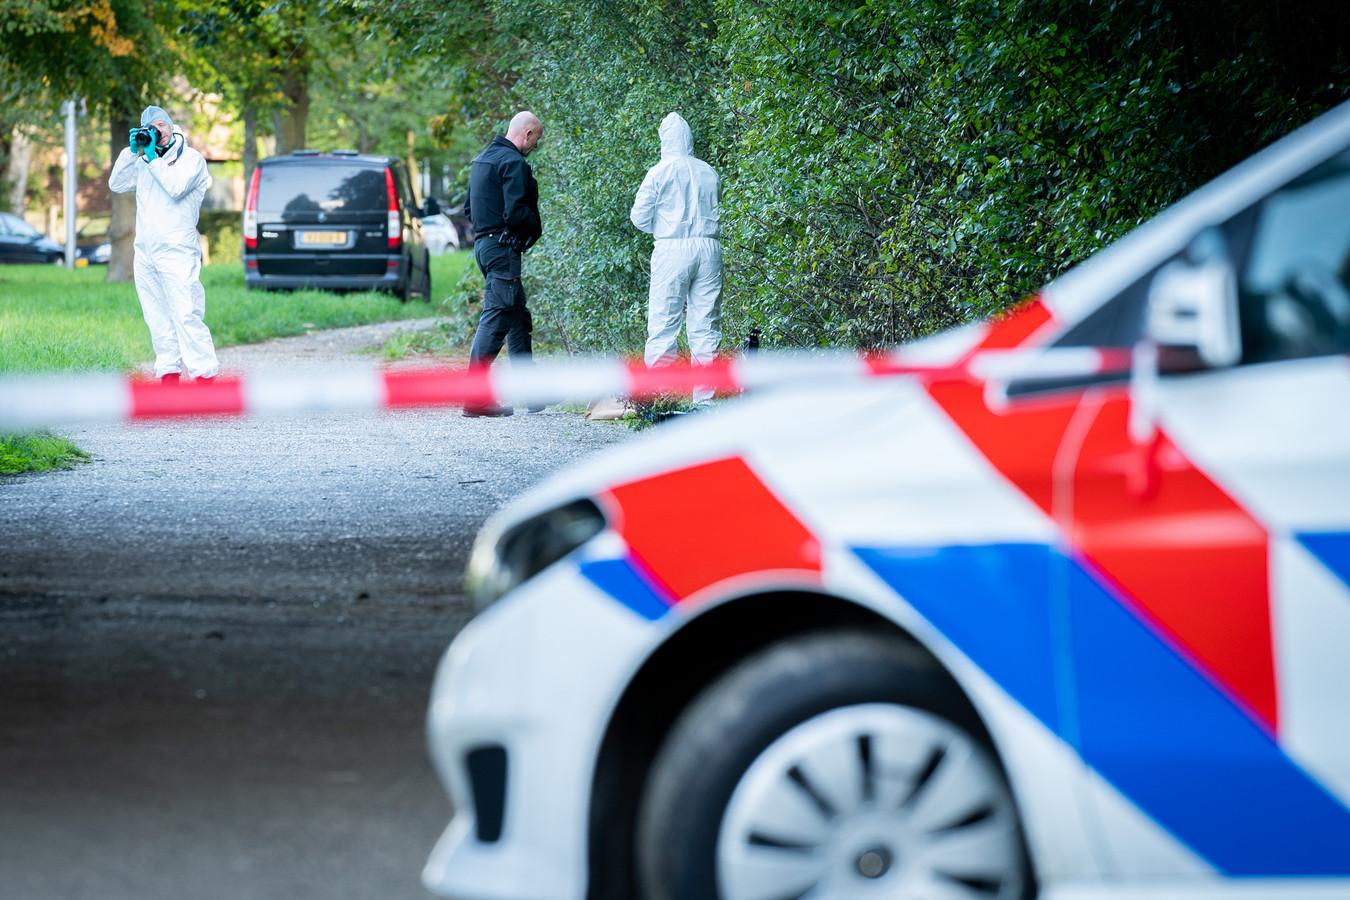 Onderzoek naar aanleiding van een verdachte situatie vorig jaar bij het Beatrixpark in Lunetten, waar de vrouwenbelager eerder had toegeslagen.